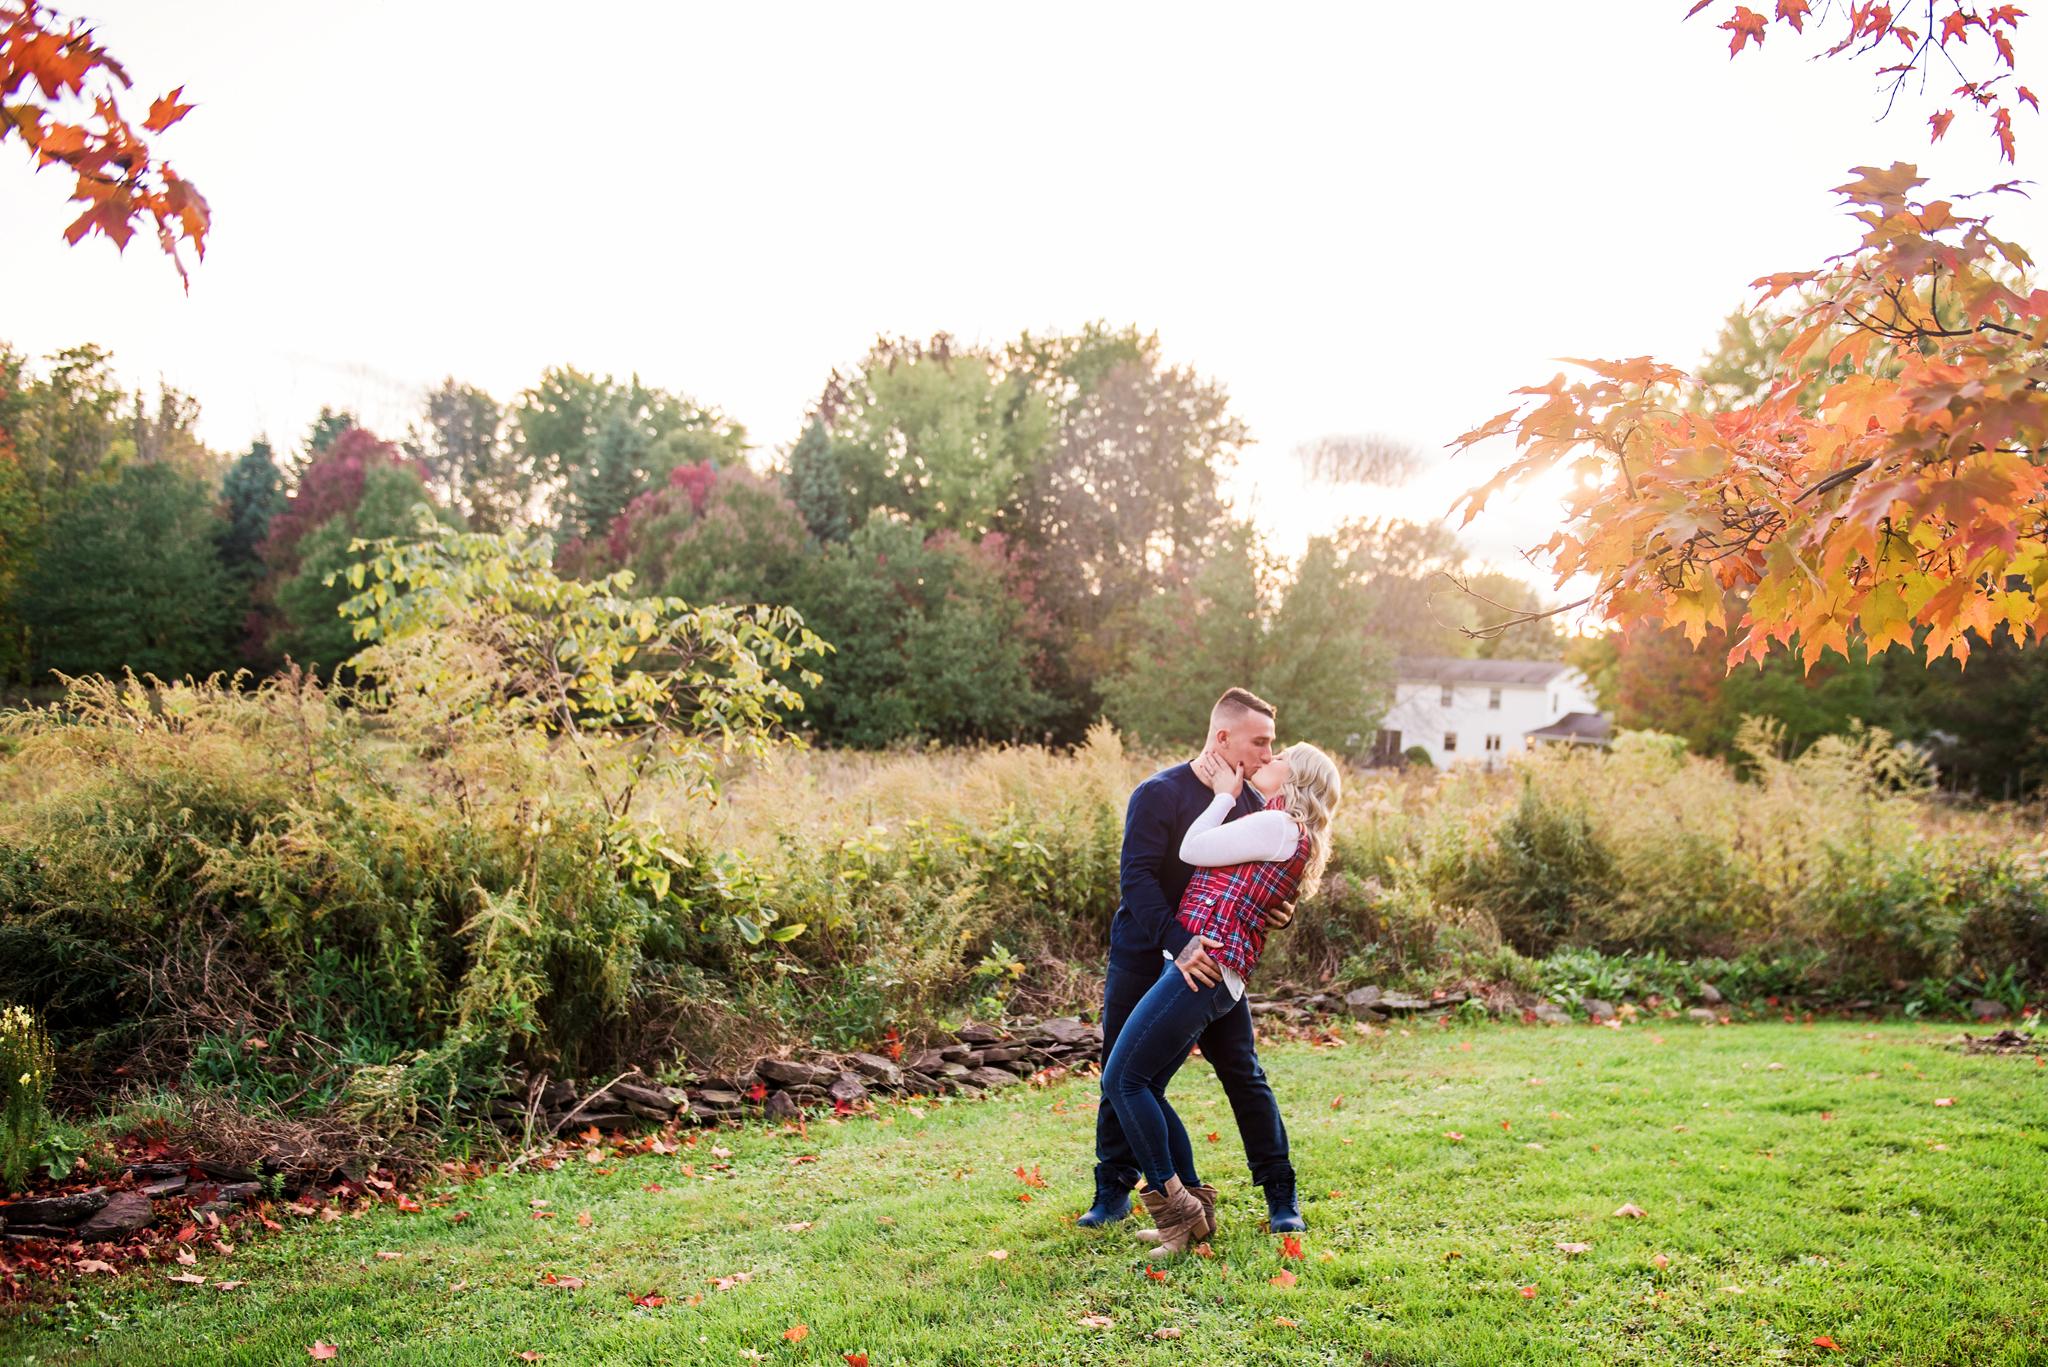 Tinker_Nature_Park_Rochester_Couples_Session_JILL_STUDIO_Rochester_NY_Photographer_DSC_4906.jpg